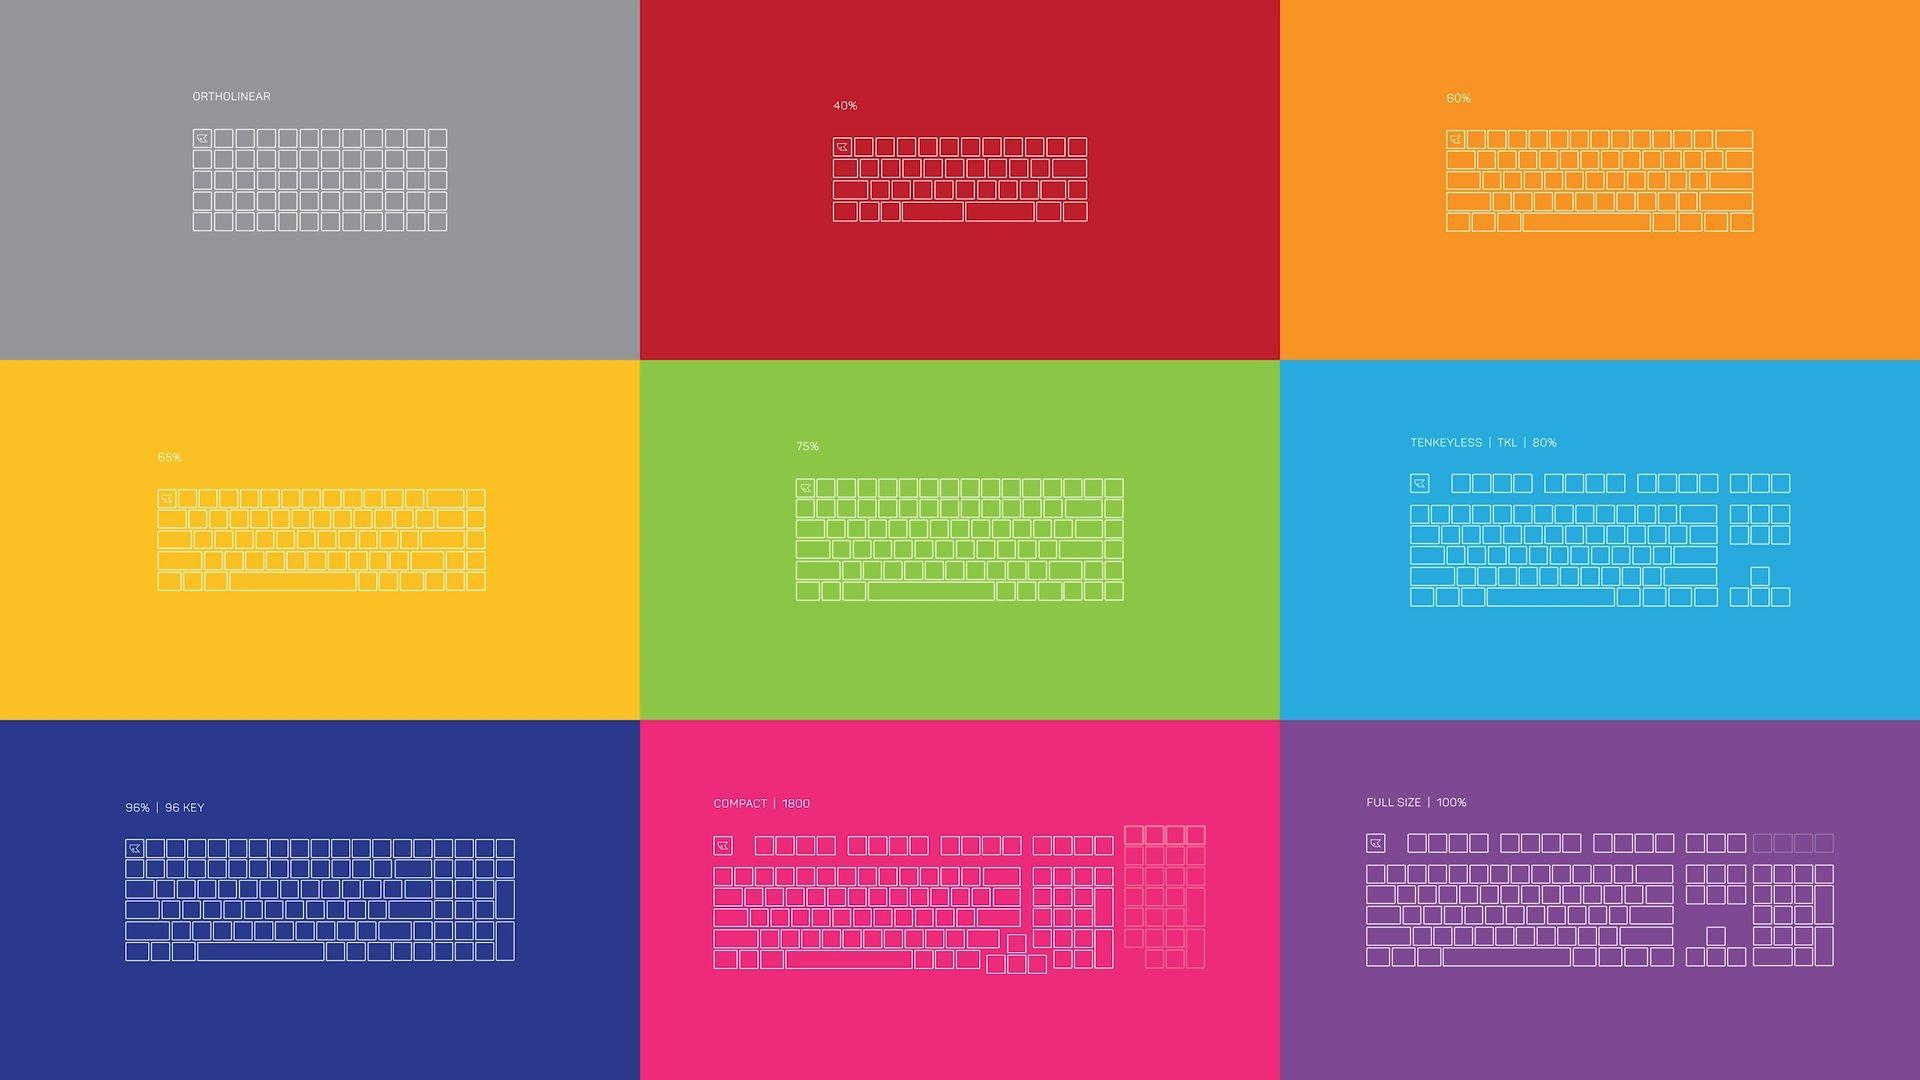 Виды раскладки компьютерных клавиатур